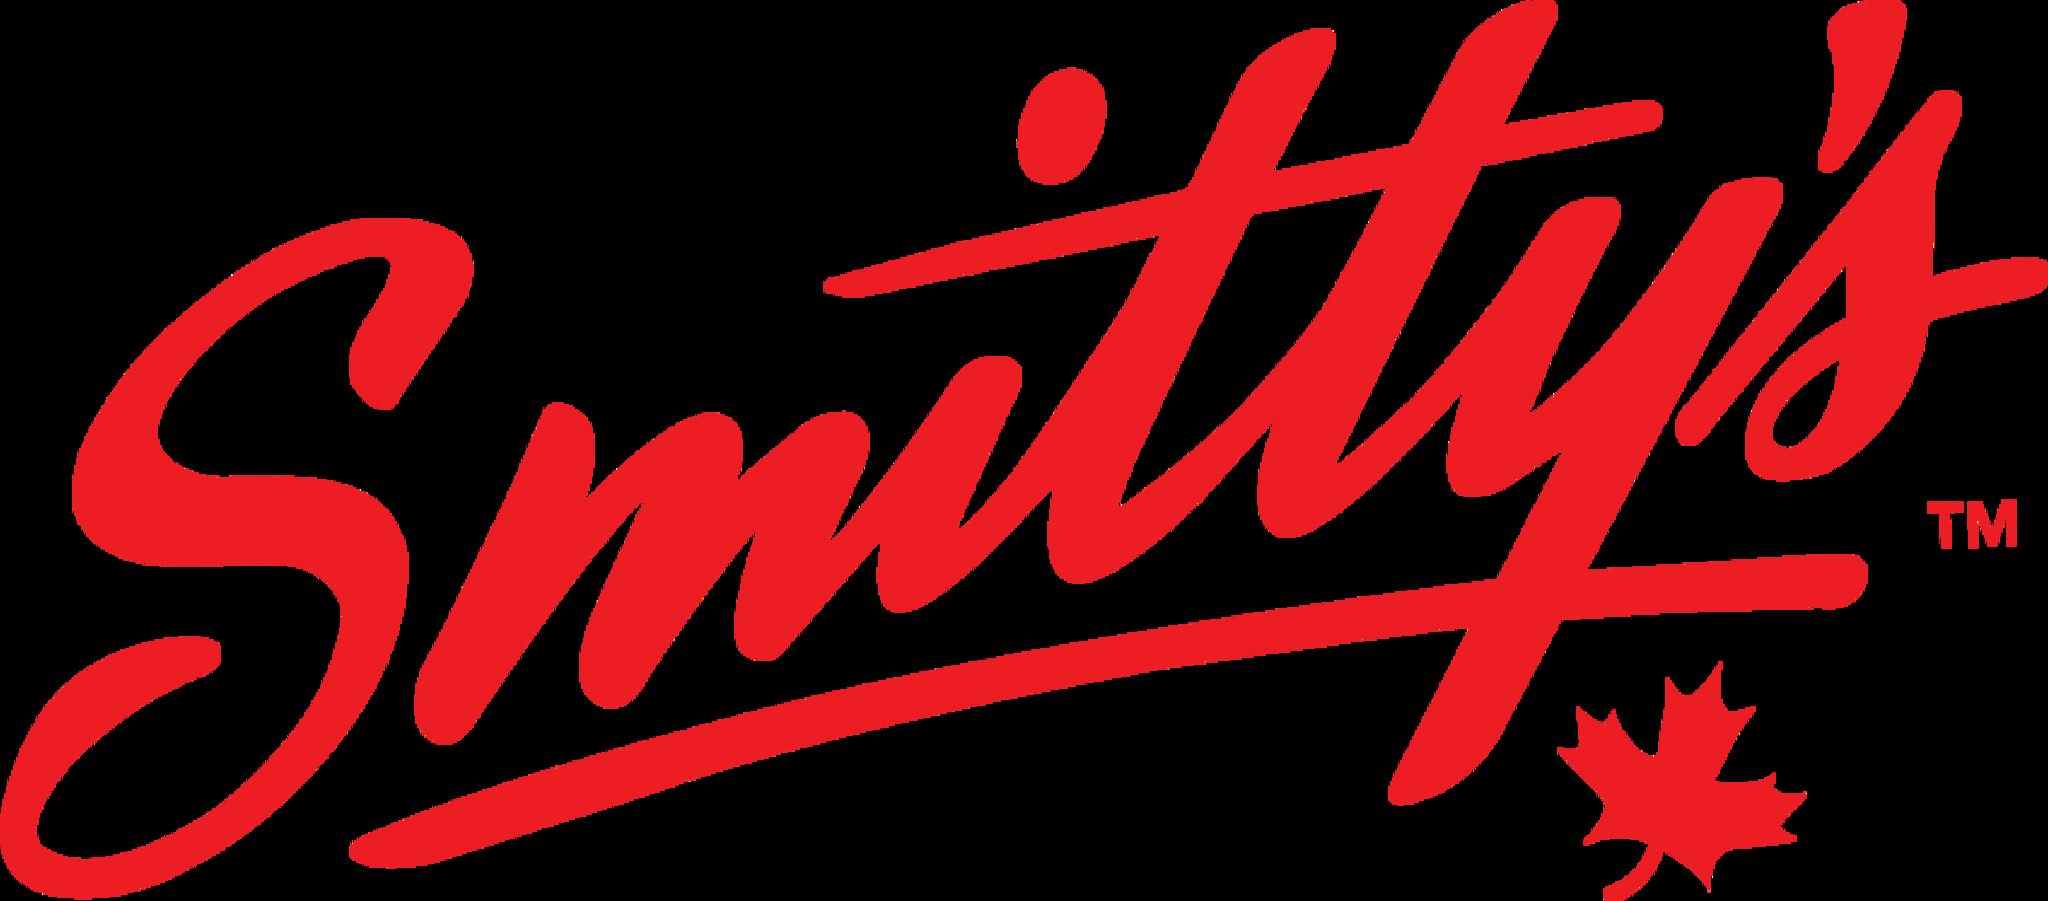 Smitty Family Restaurant Calgary